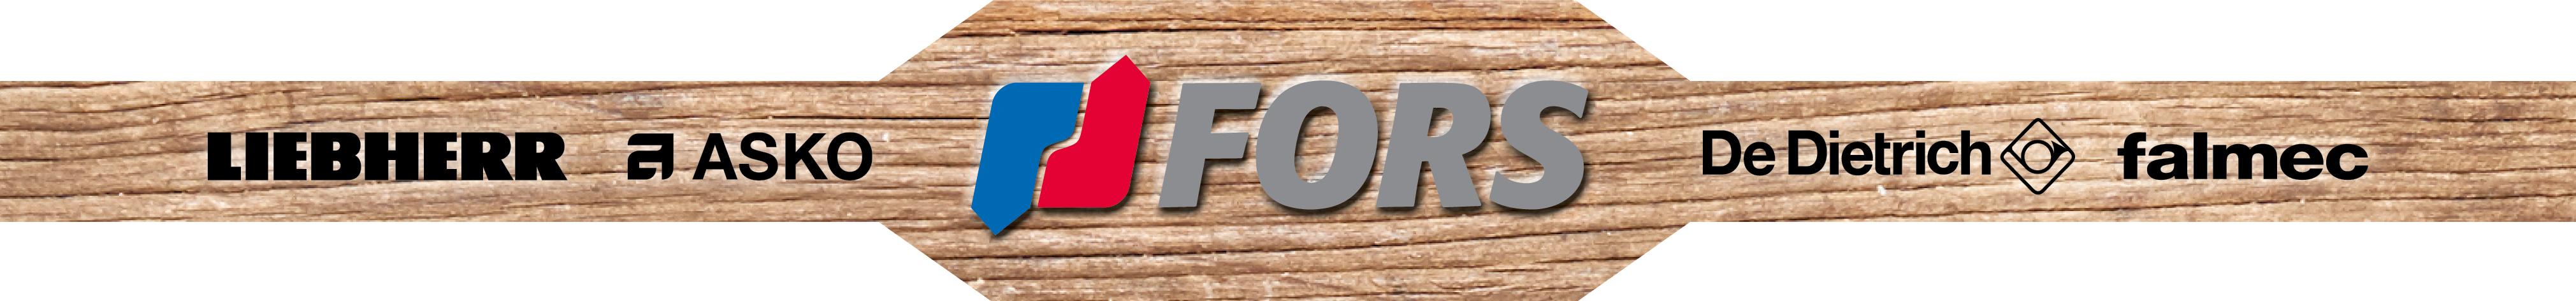 Bild Konzept Swissbau Holz mit Marken